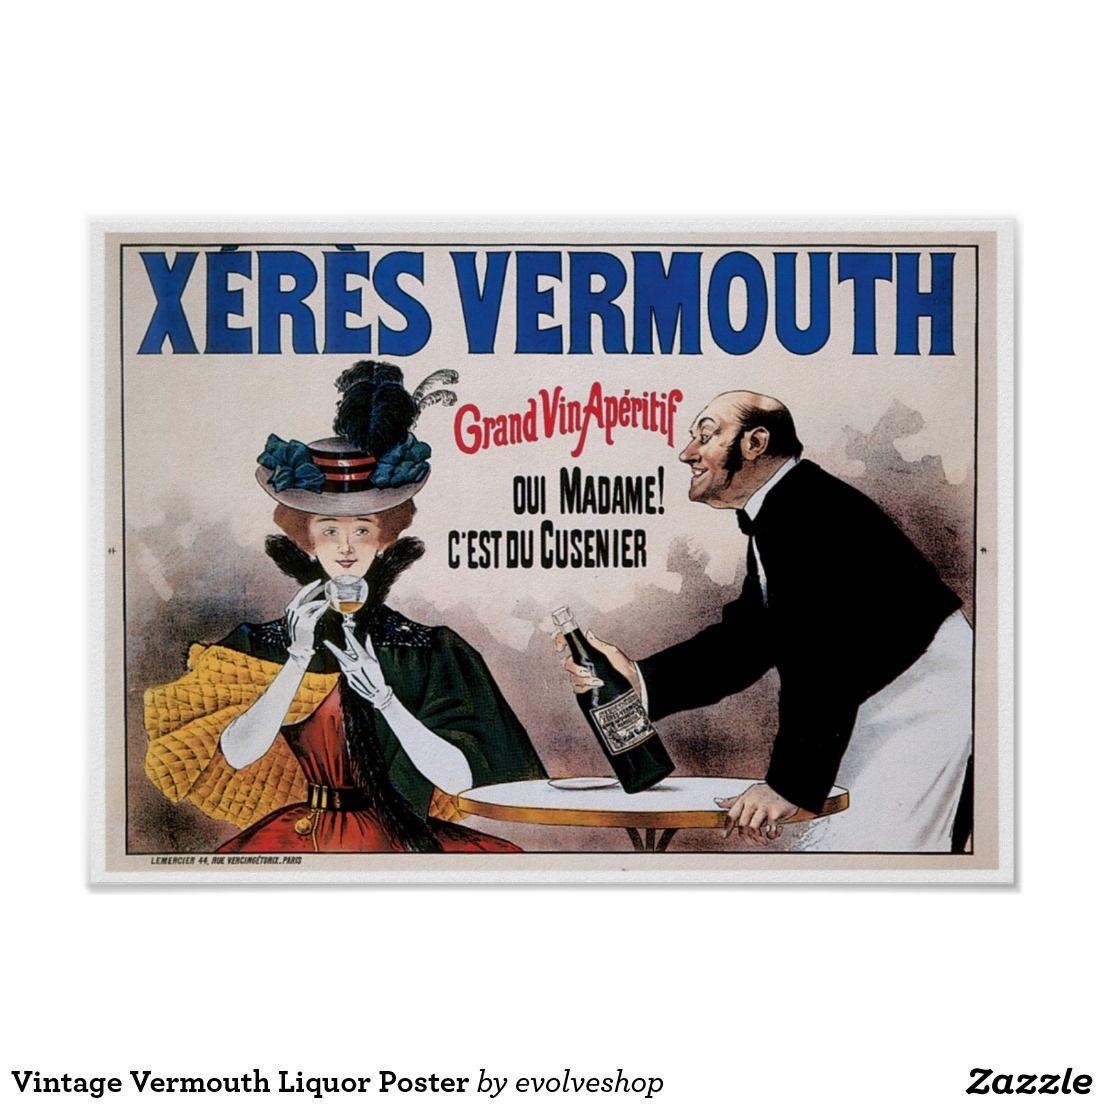 Vintage Vermouth Liquor Poster Étiquettes